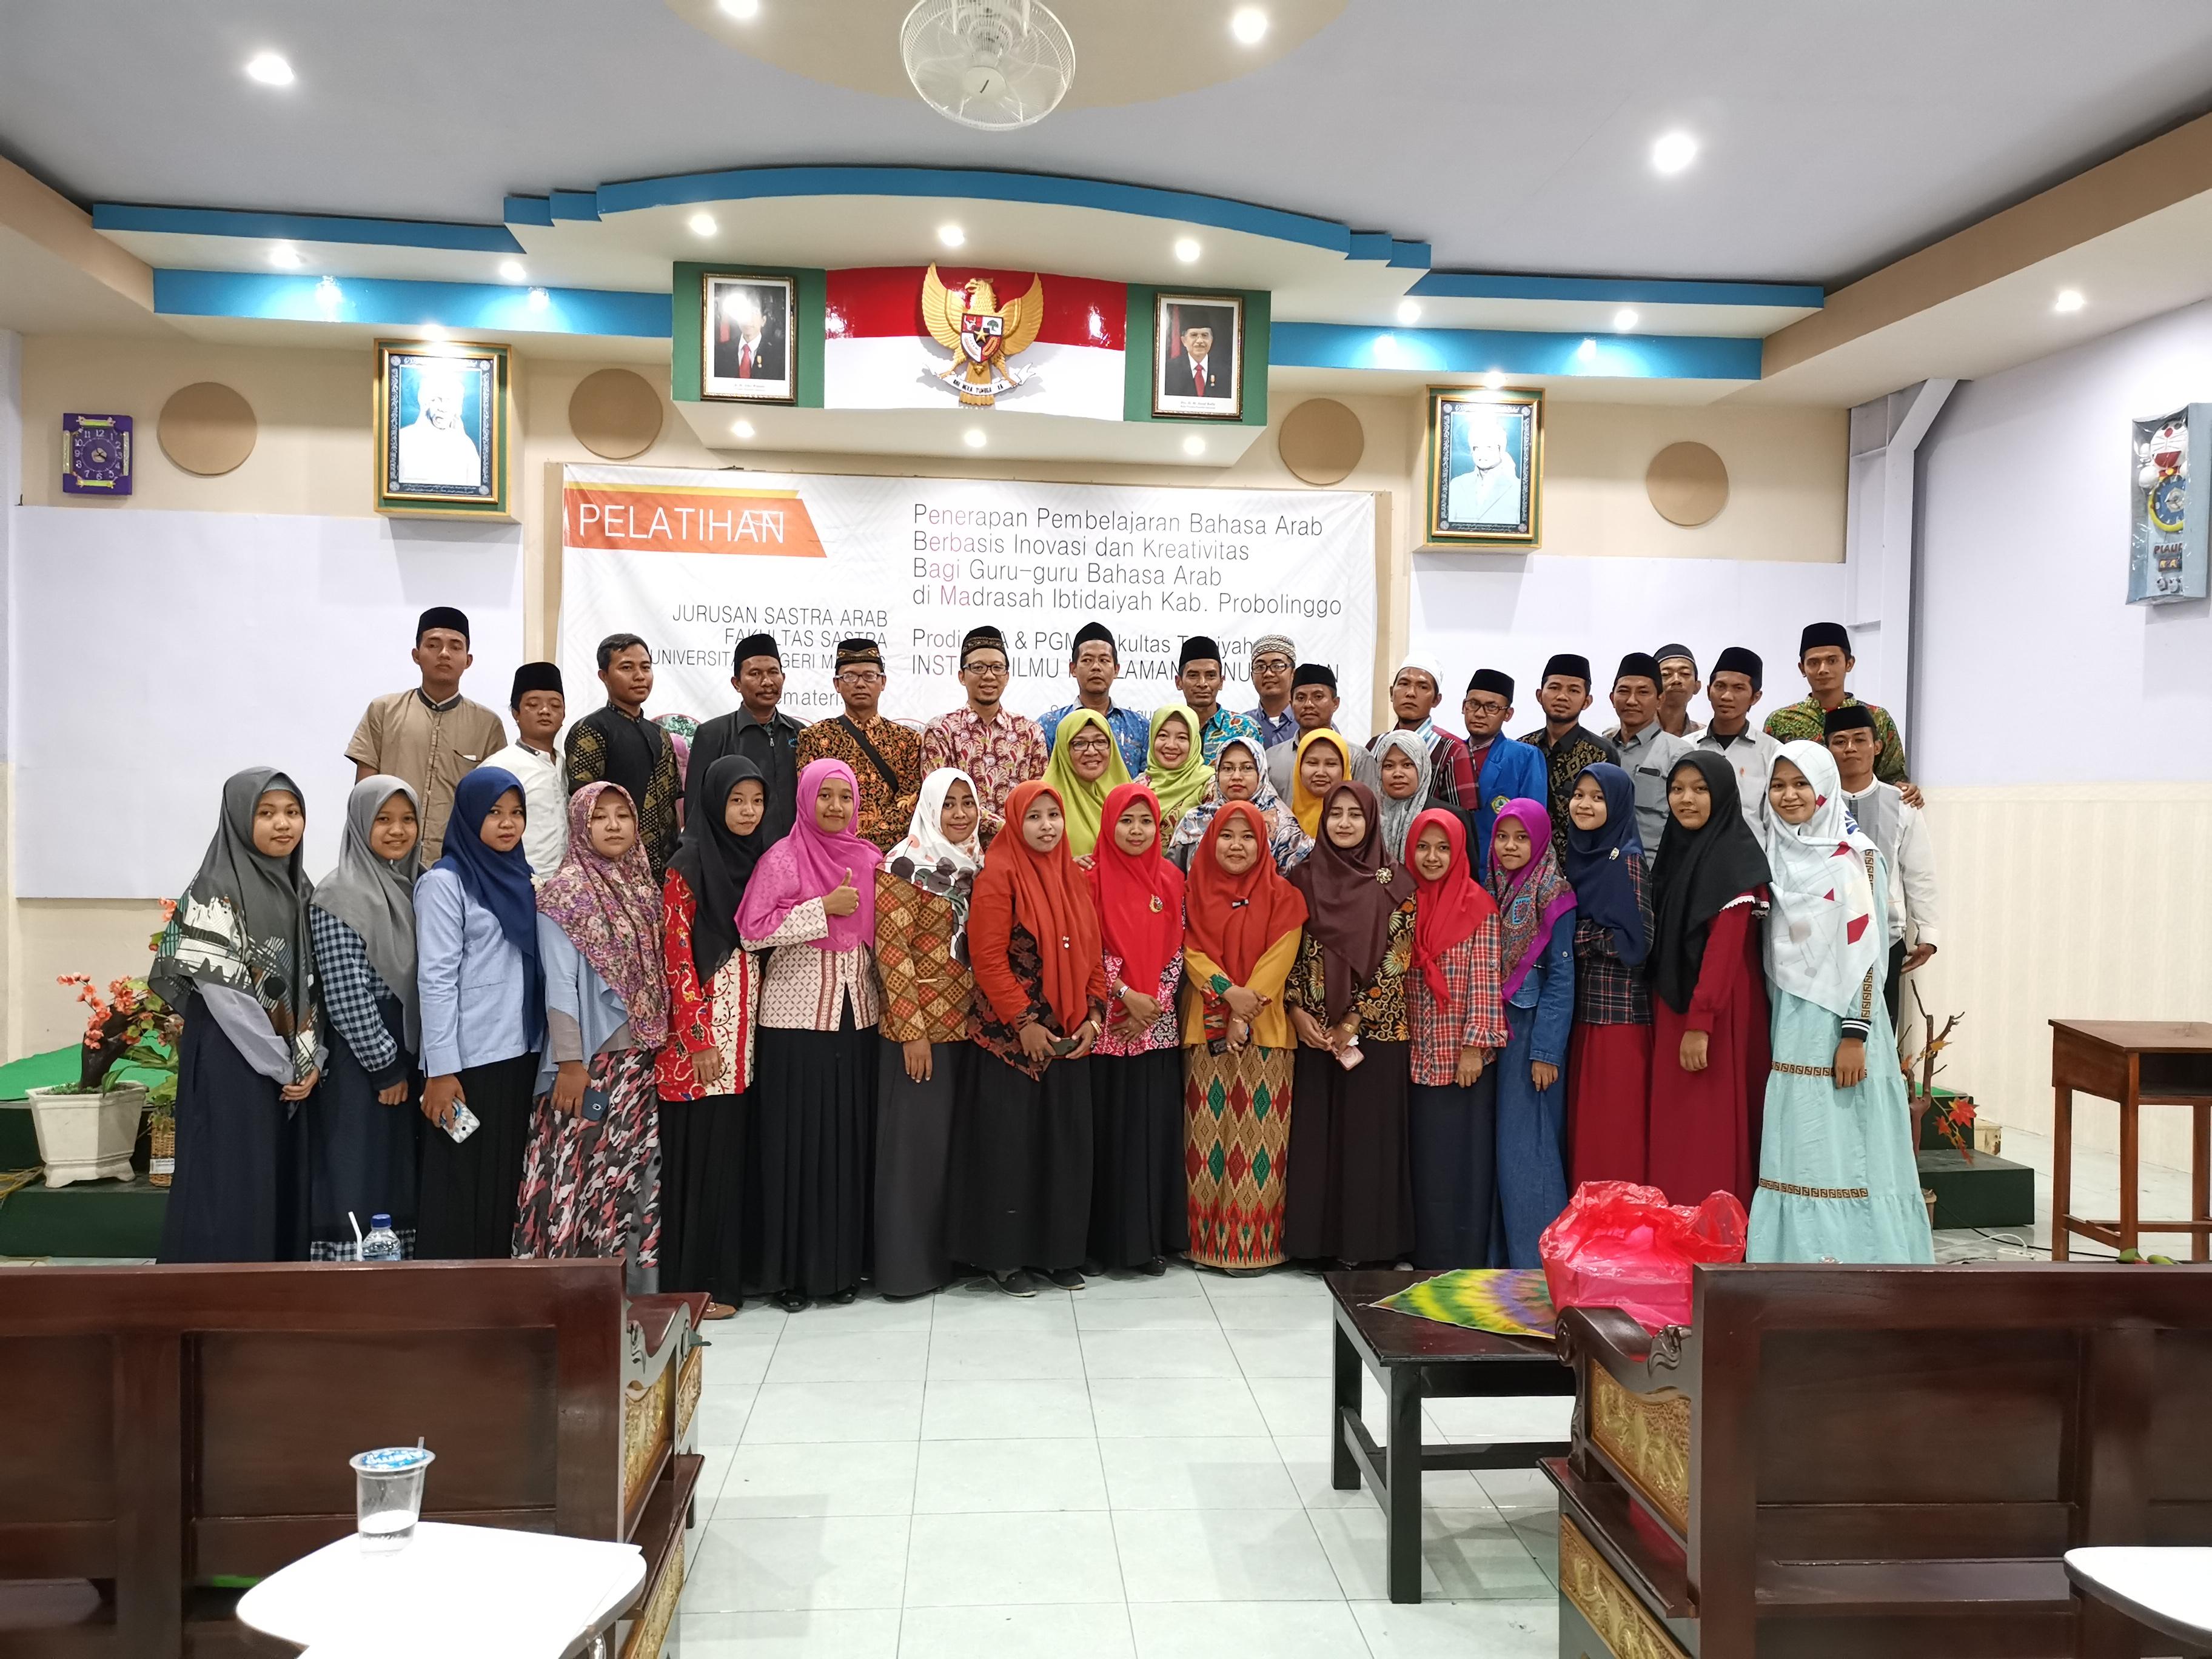 Pelatihan Penerapan Pembejaran Bahasa Arab berbasis inovasi dan kreativitas bagi guru2 bhs Arab di MI Kabupaten Probolinggo